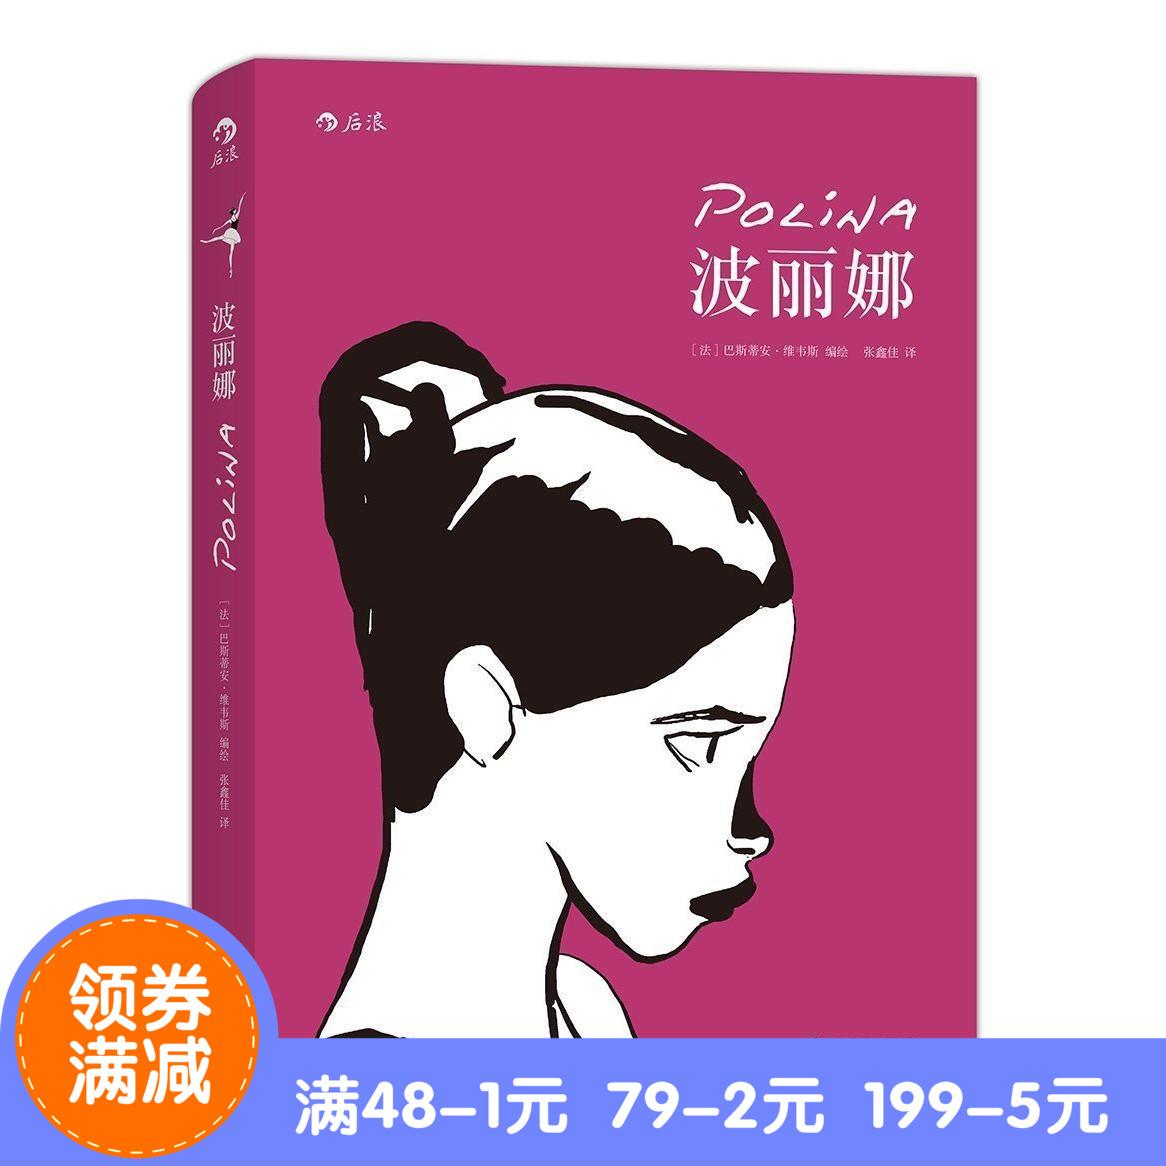 正版 包邮 波丽娜 法国2012年度漫画评论大奖作品,带给你关于跳舞、关于成长、关于抉择的心灵触动 北京联合出版